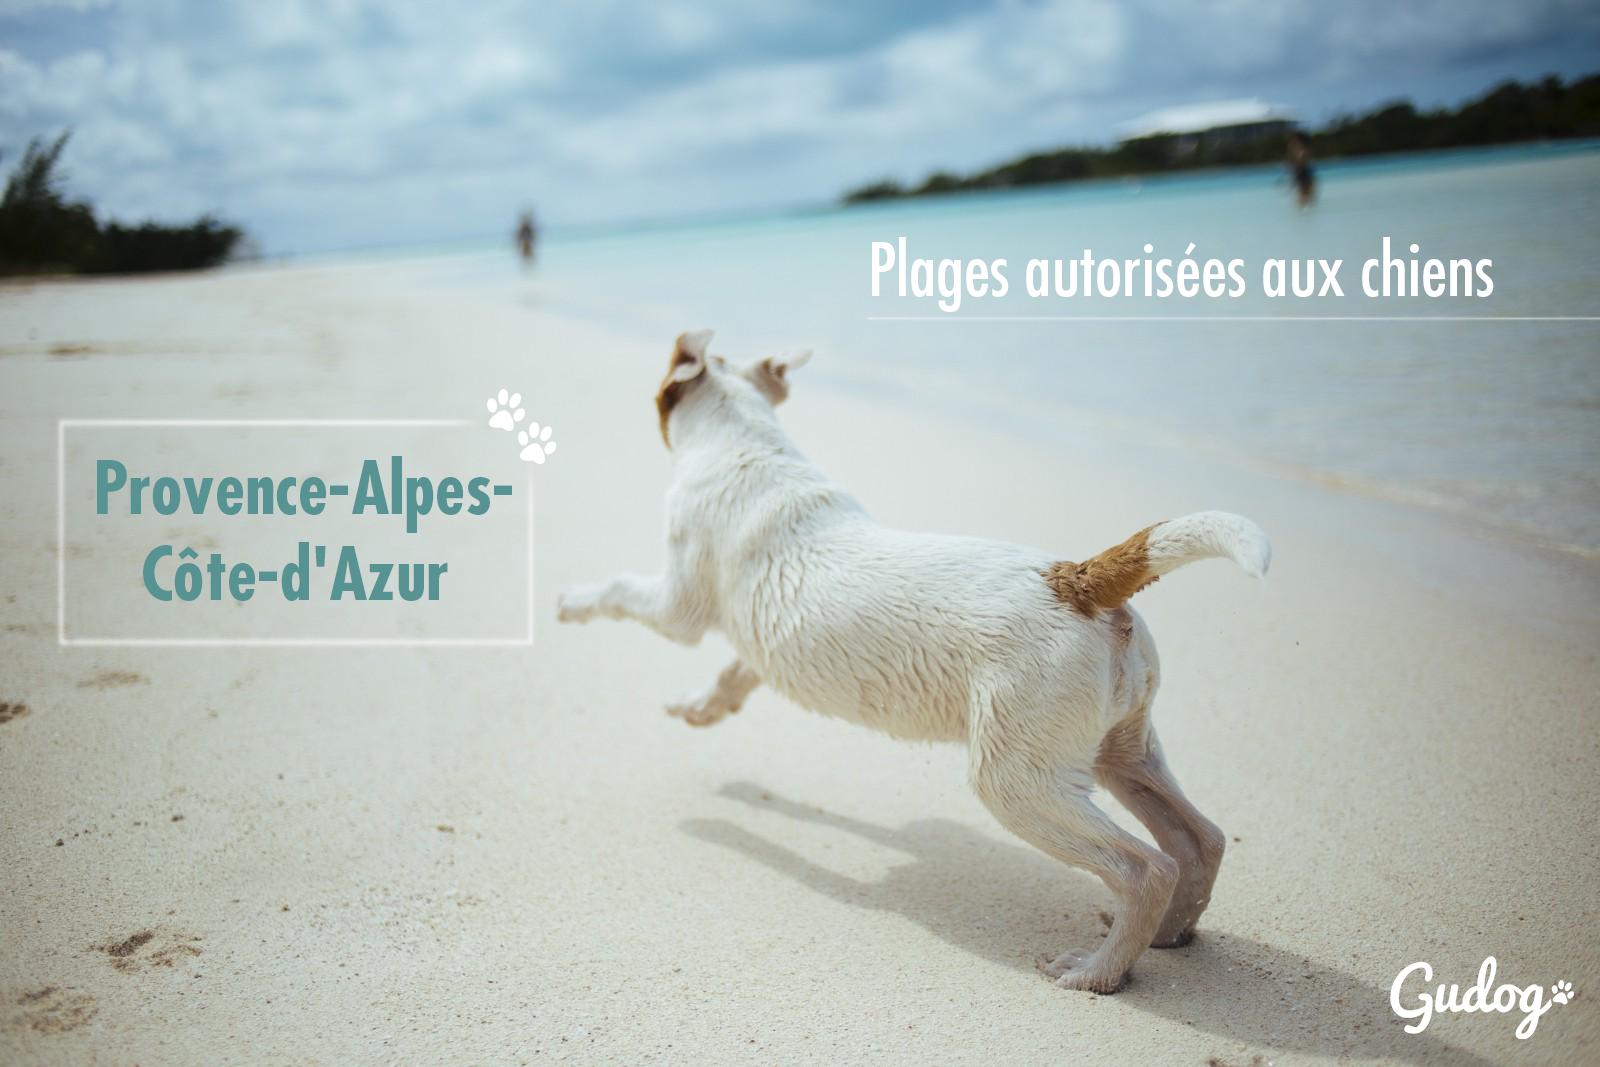 plages autorisées aux chiens provence-alpes-côte-d'azur